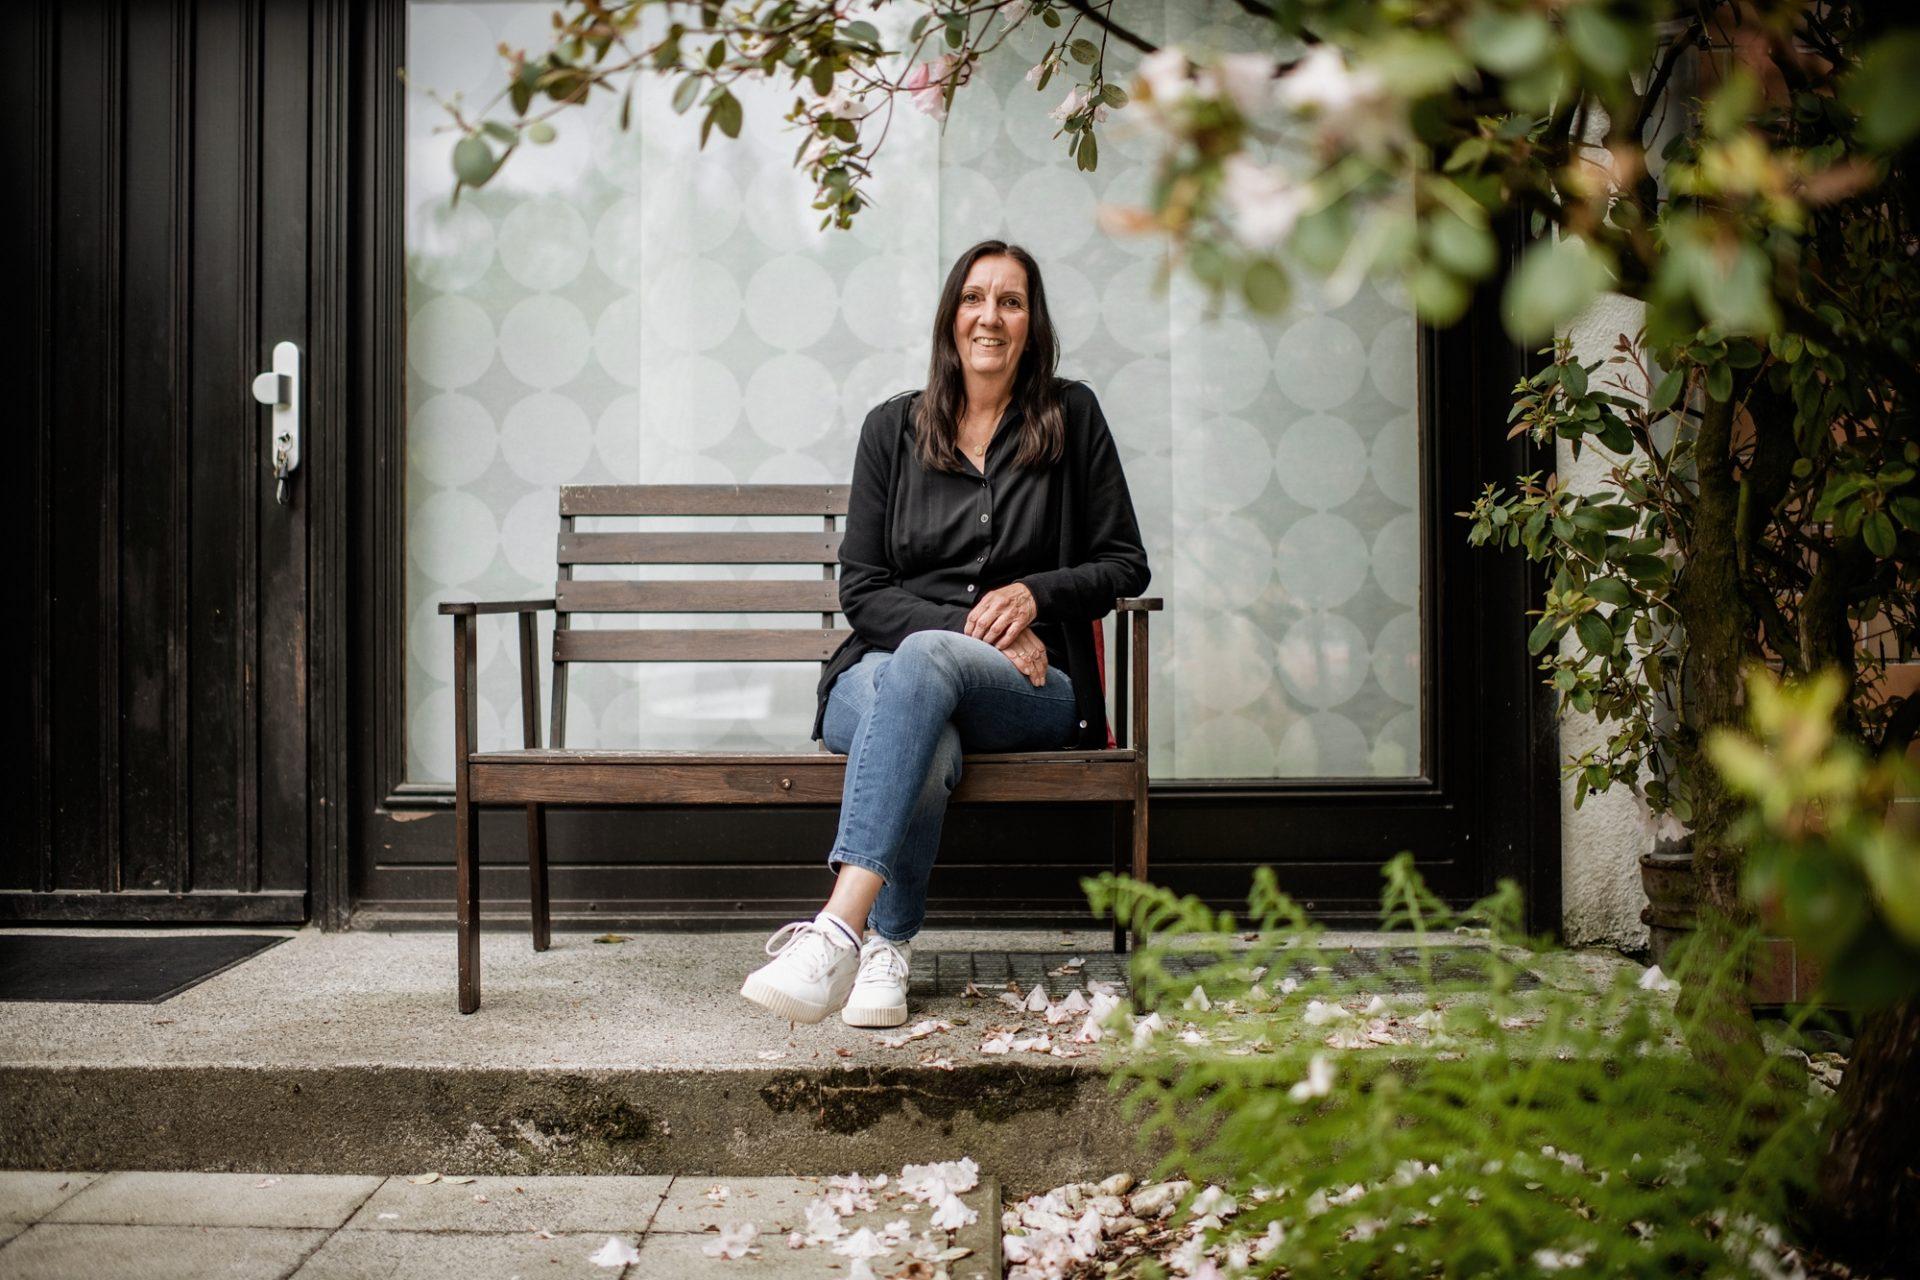 Karin Engstler hatte ein bedingungsloses Grundeinkommen für ein Jahr gewonnen und ist seitdem eine noch größere Befürworterin dieses Konzepts. Foto: Andreas Endermann